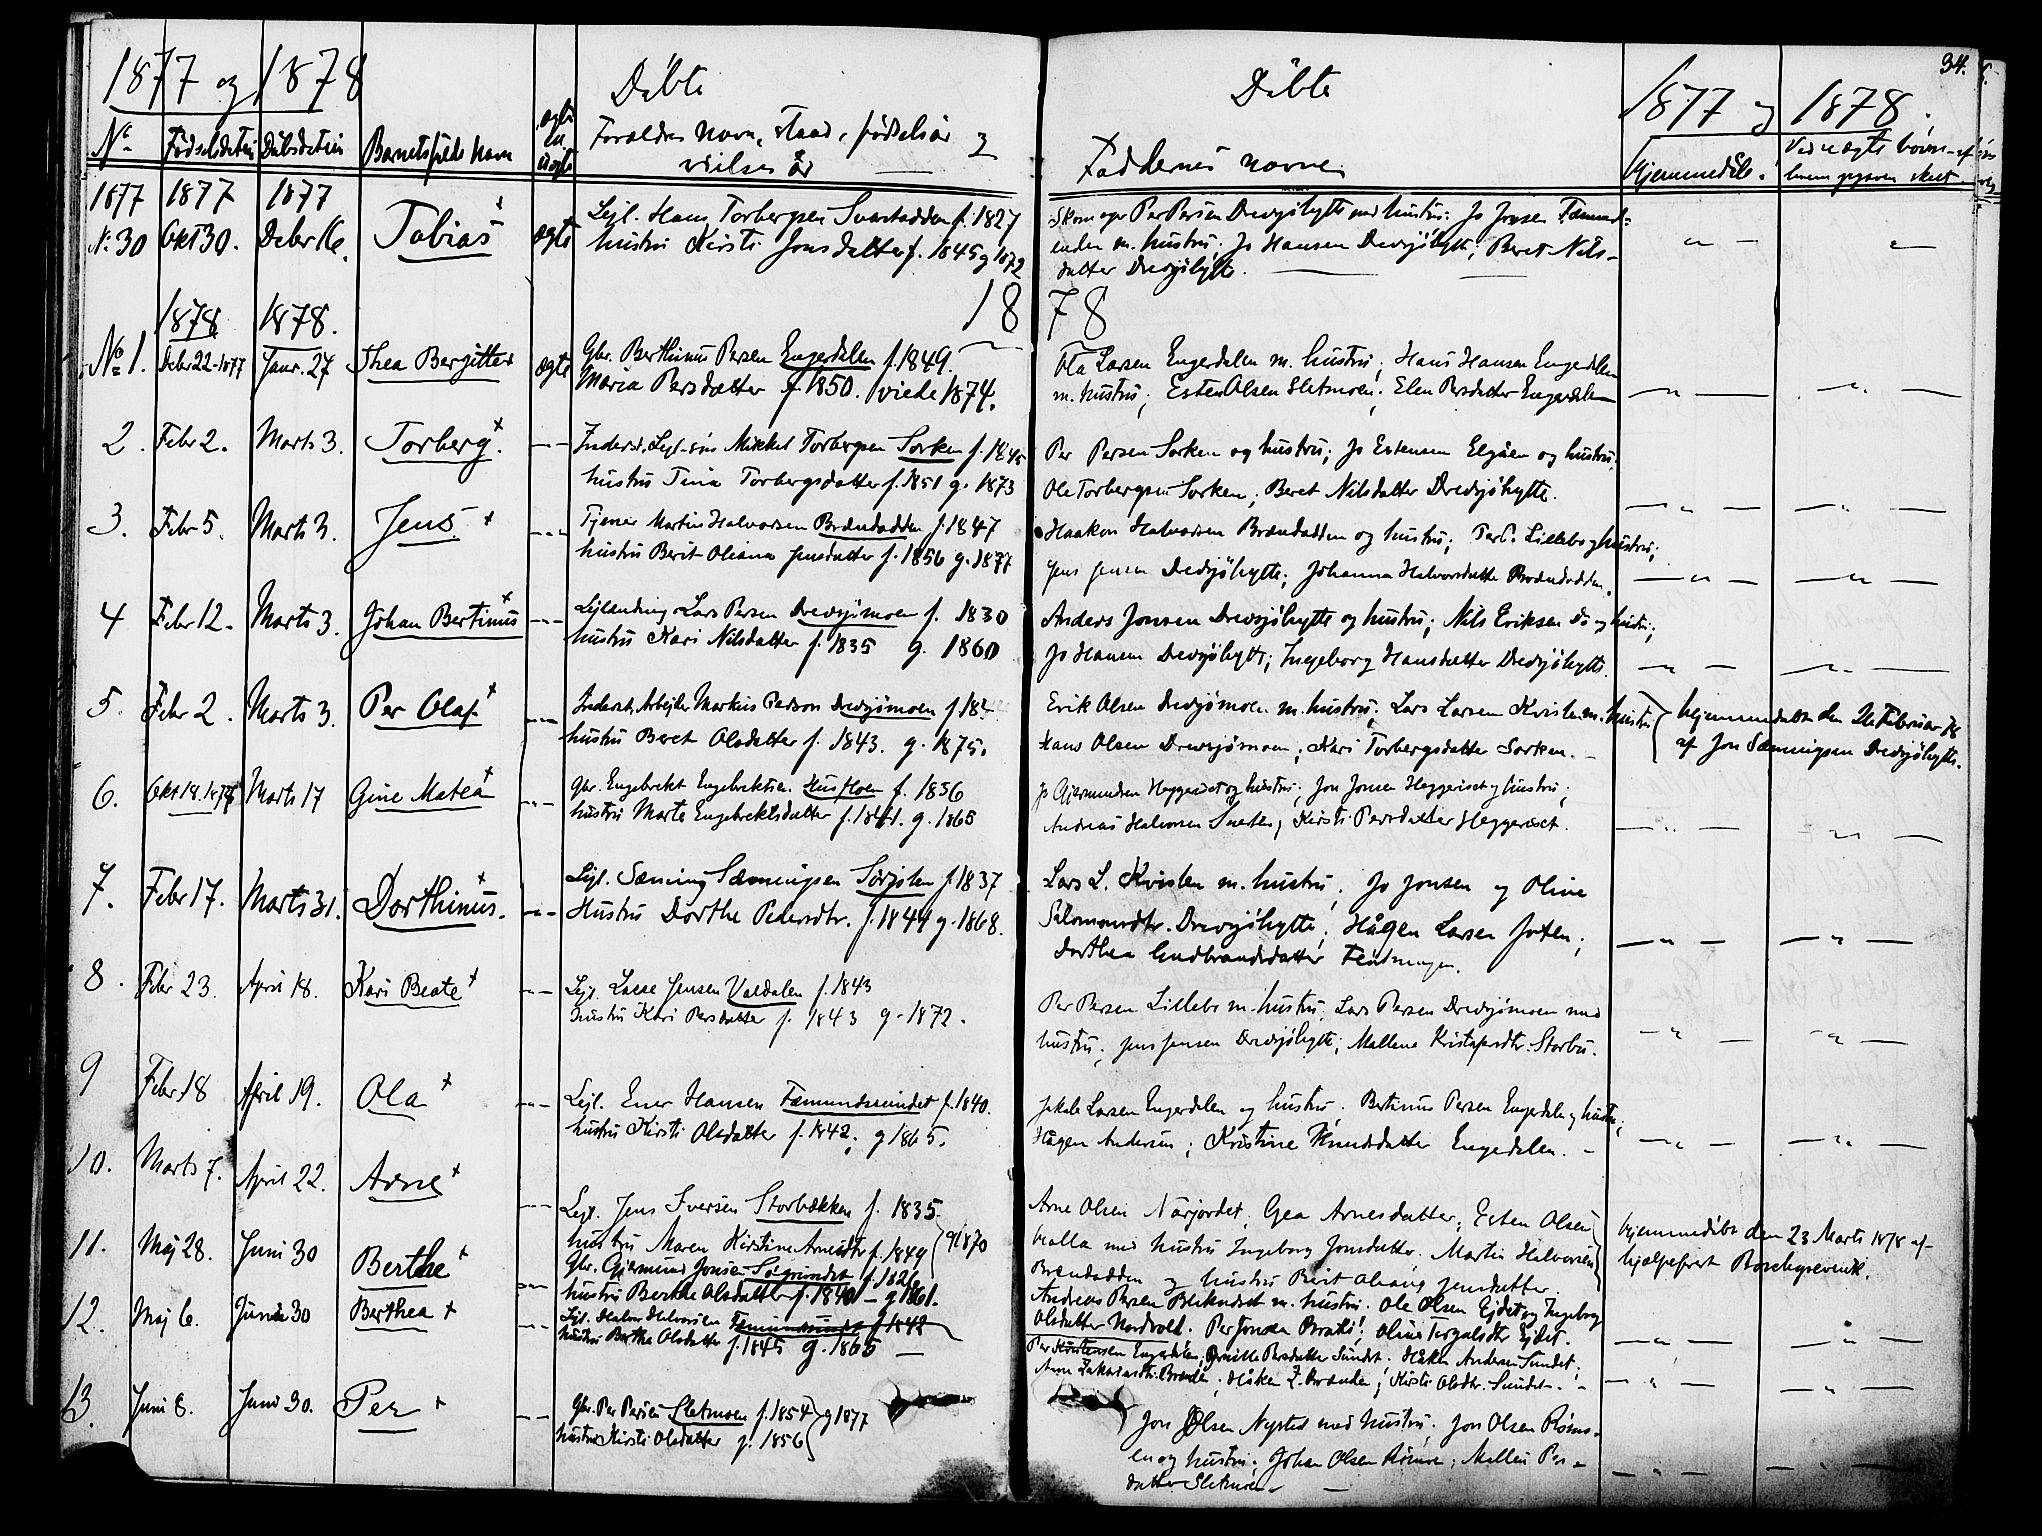 SAH, Rendalen prestekontor, H/Ha/Hab/L0002: Klokkerbok nr. 2, 1858-1880, s. 34